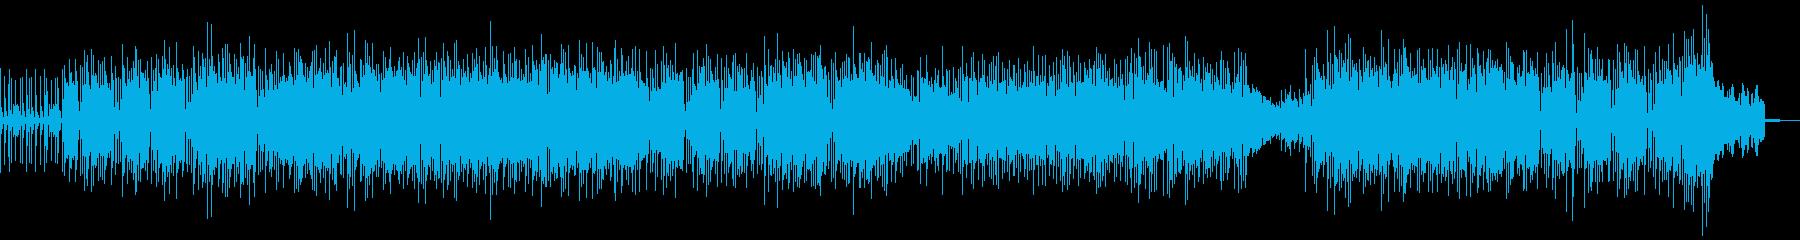 ドライブによく合うアメリカンな楽曲の再生済みの波形